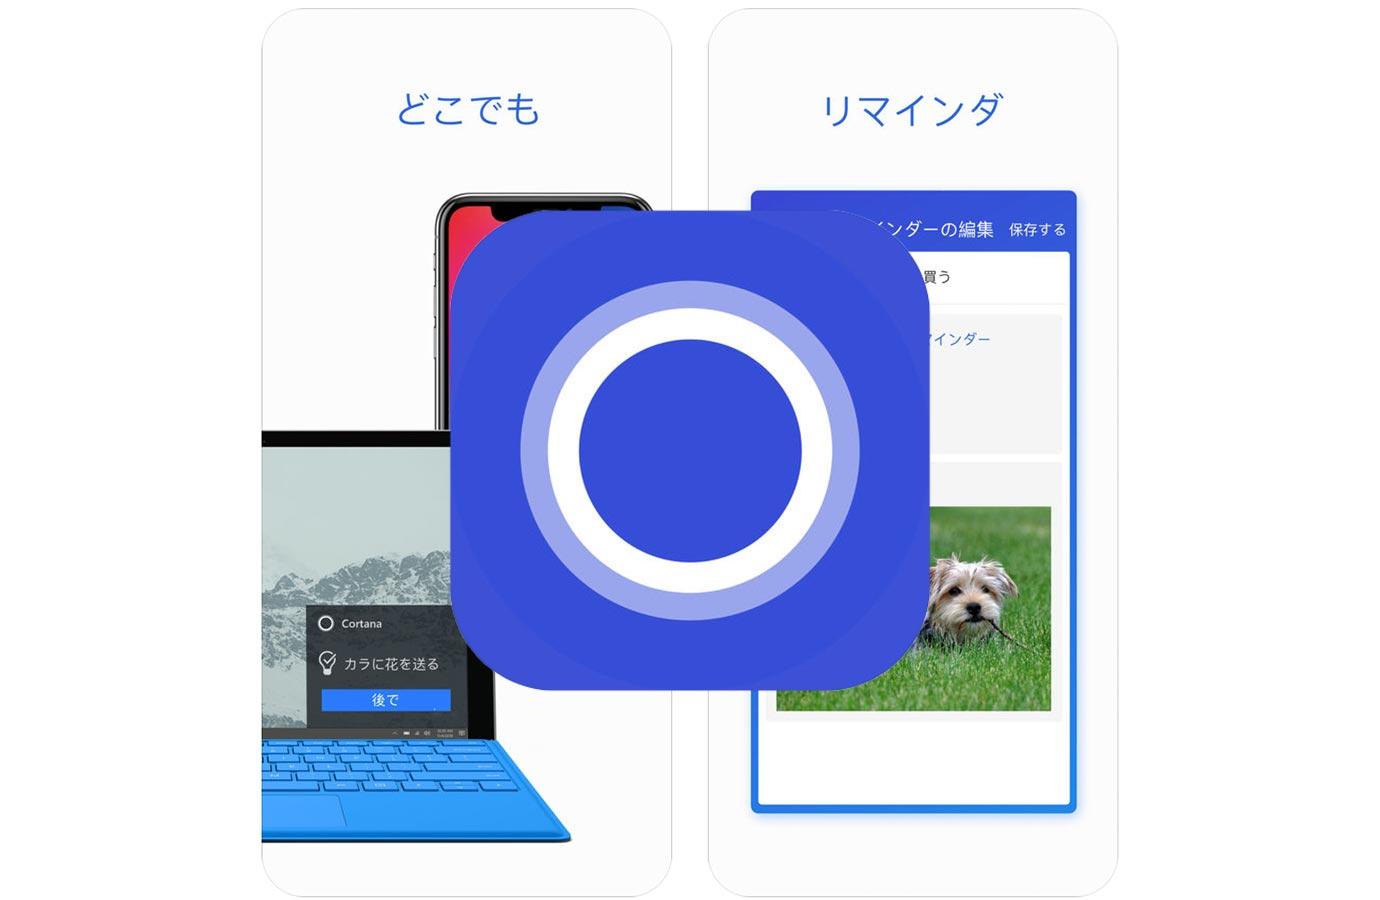 iOSアプリ「Cortana」をアップデート、スピードが20%向上するなど